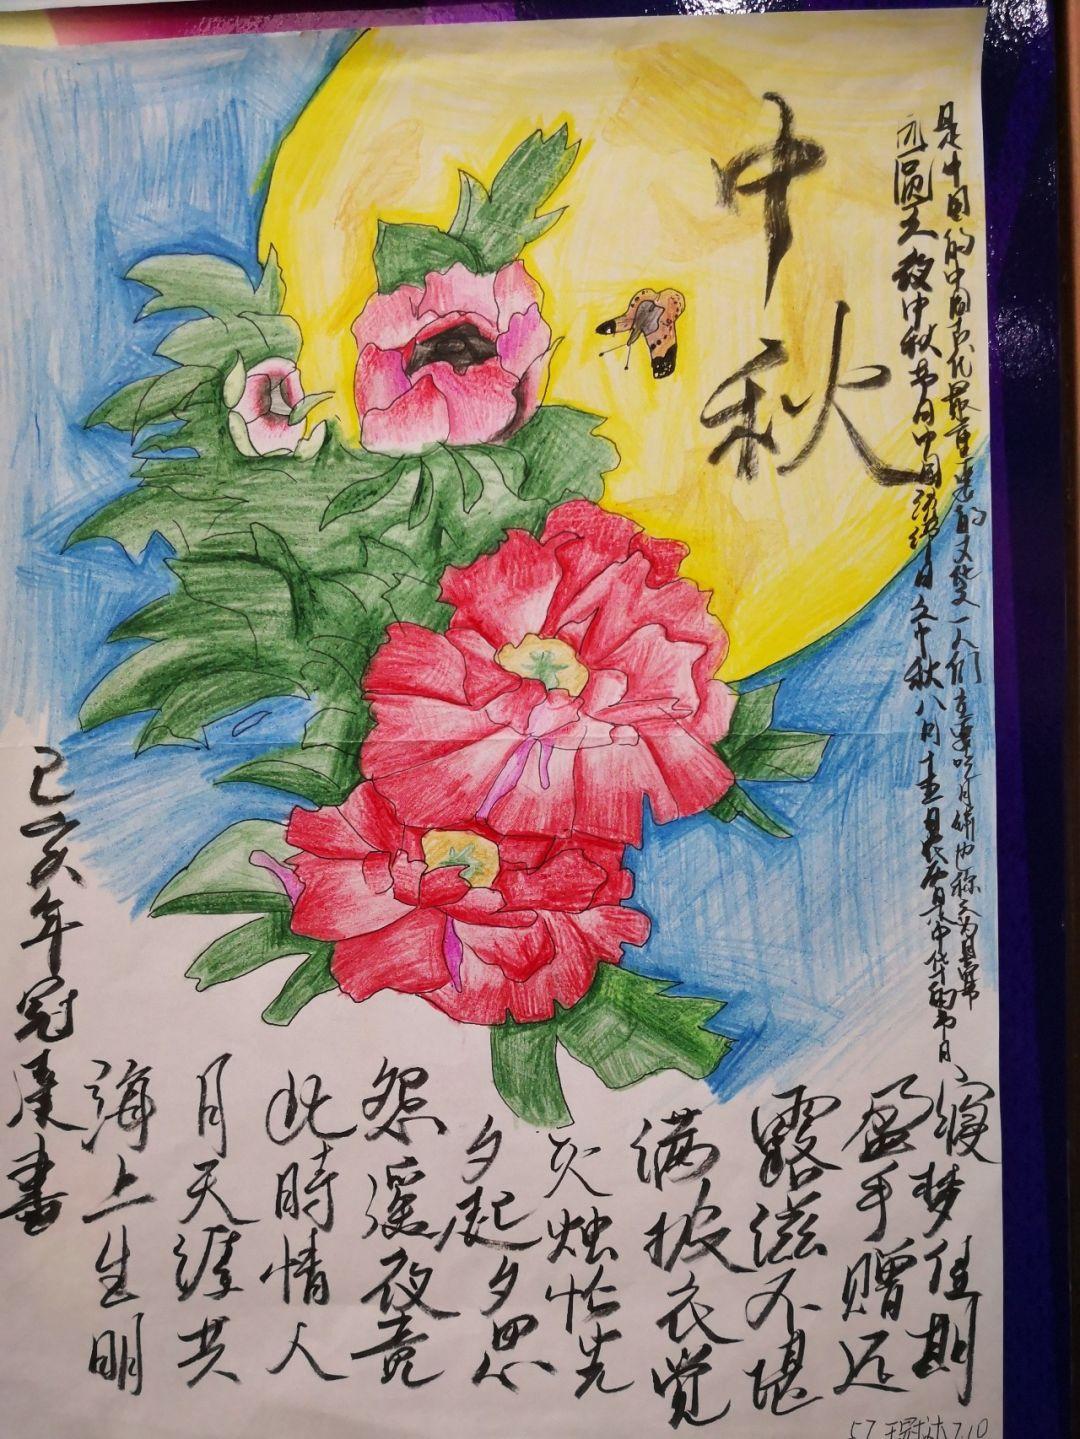 中秋节的古诗配画_中国高校网